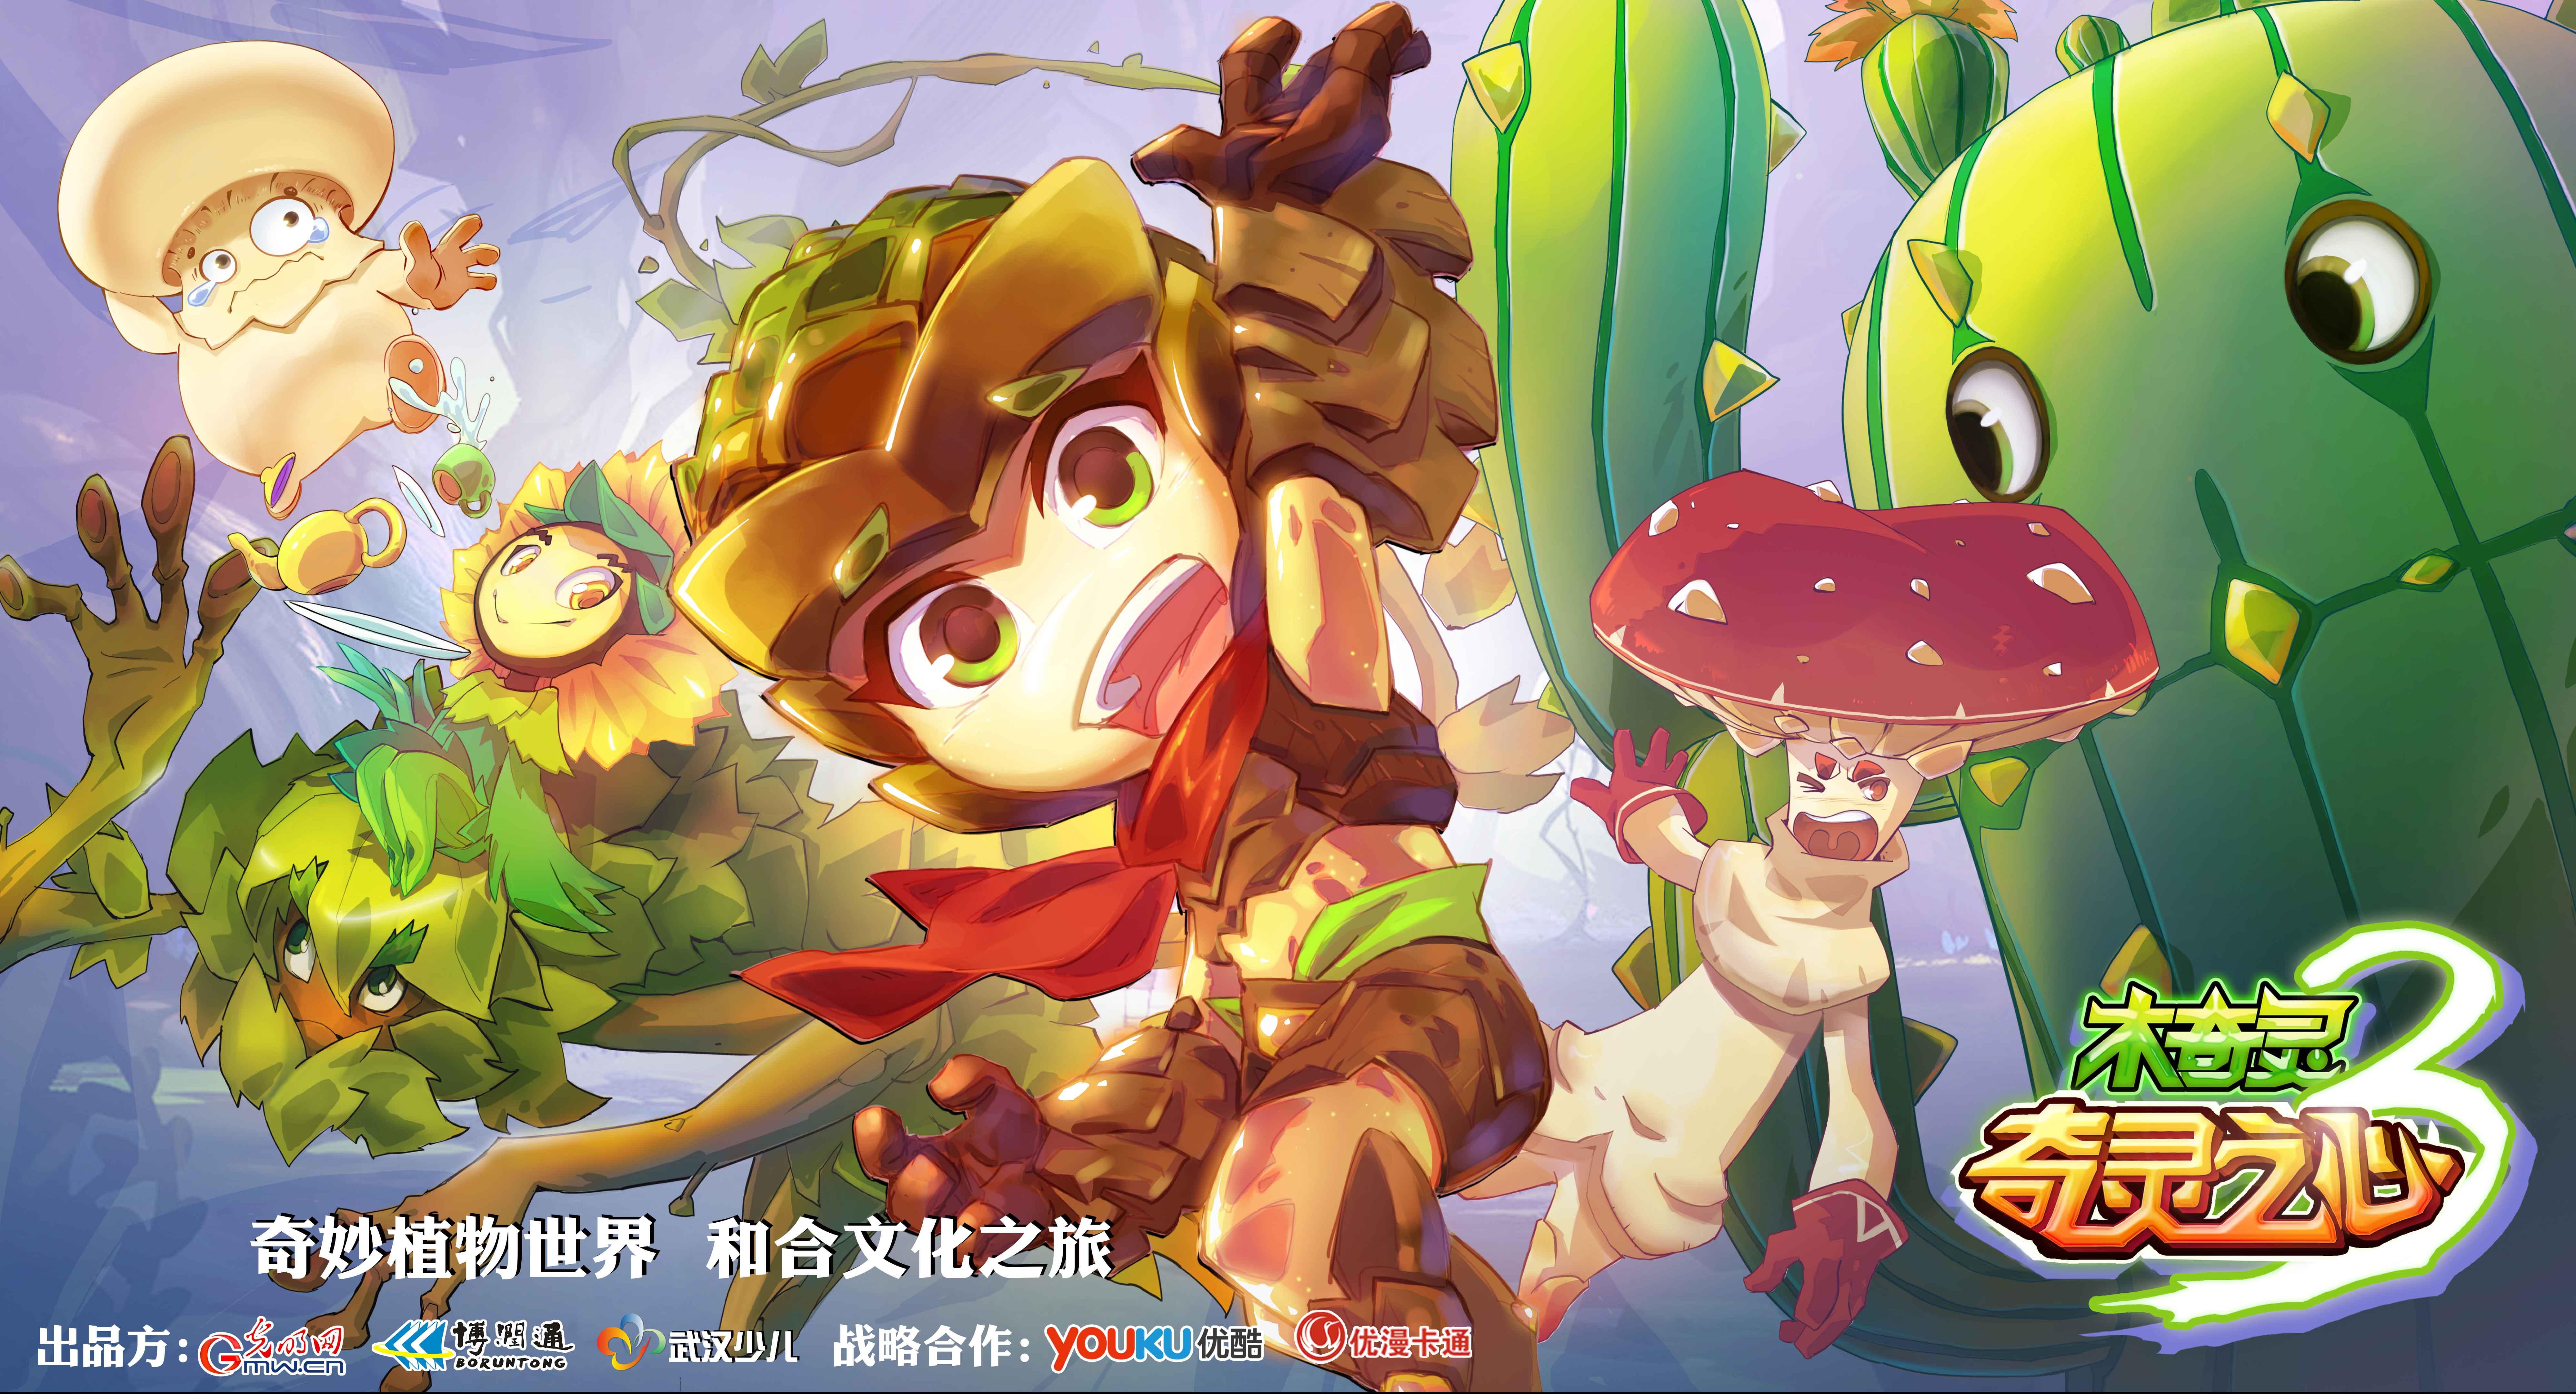 """北京赛车计划计算公式:""""木奇灵""""杭漫再推新作,内容+产品助推IP品牌化"""